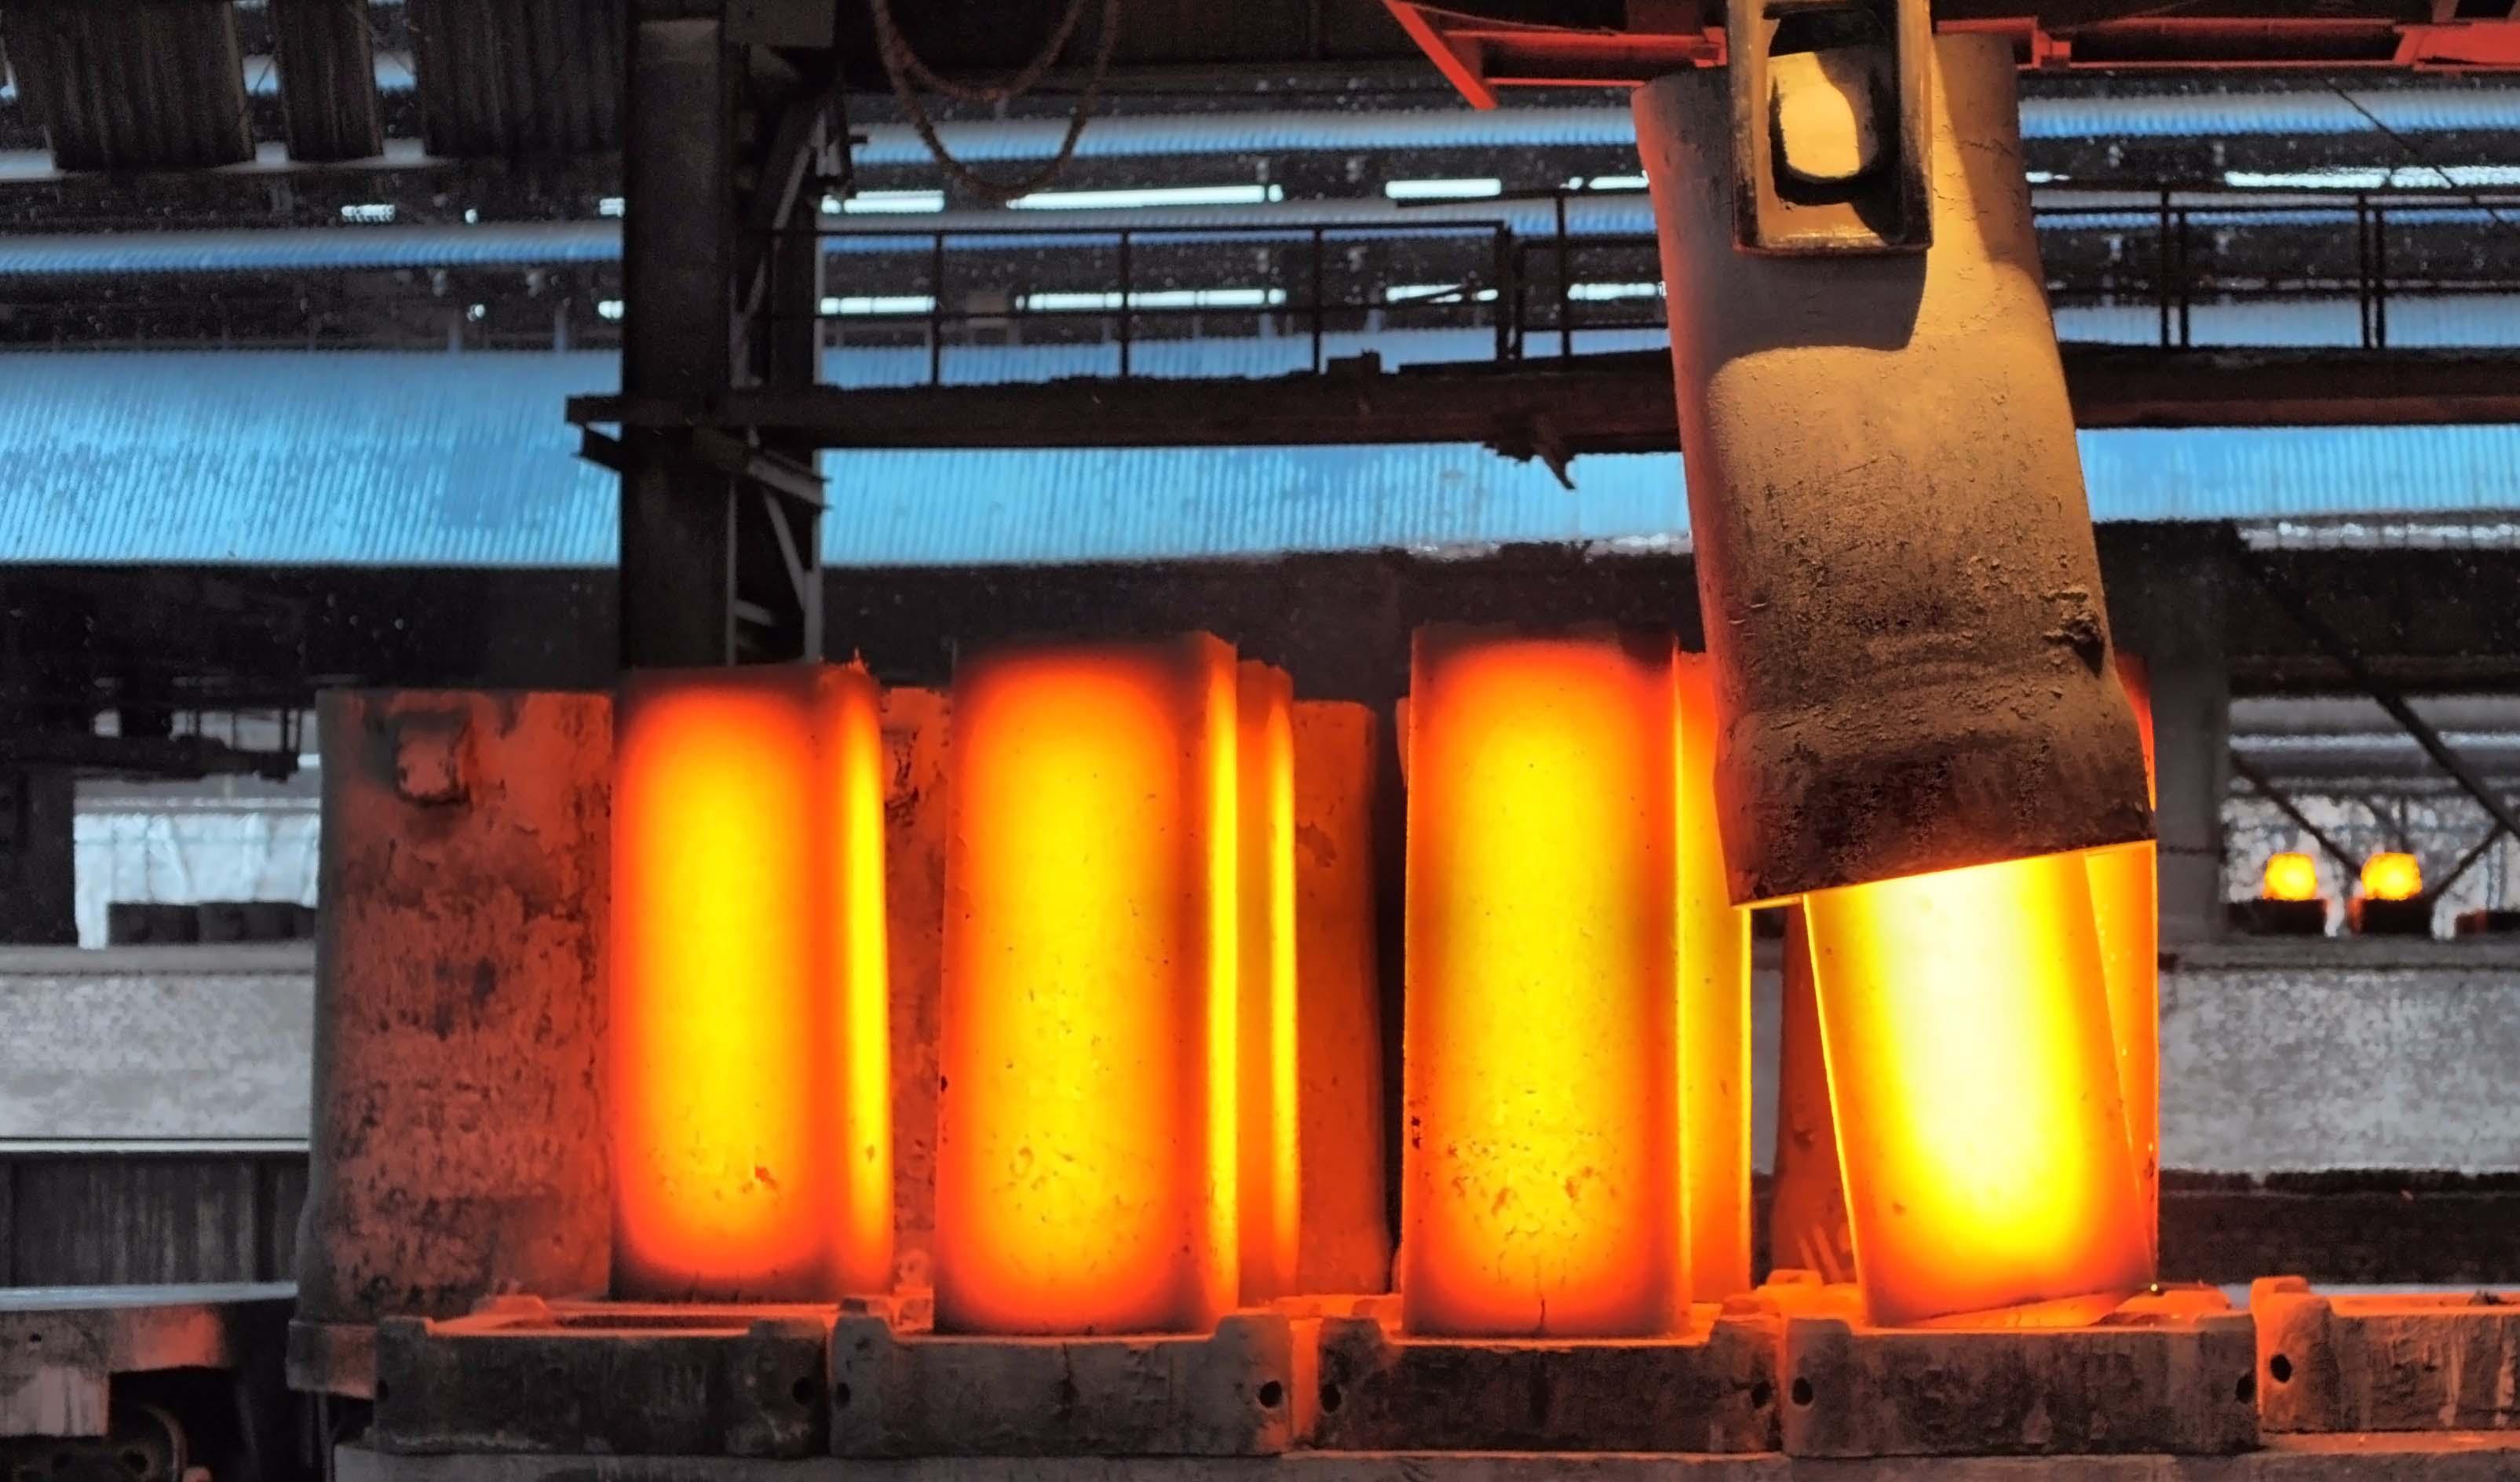 قیمت انواع فلزات اساسی در بازارهای جهانی + جدول